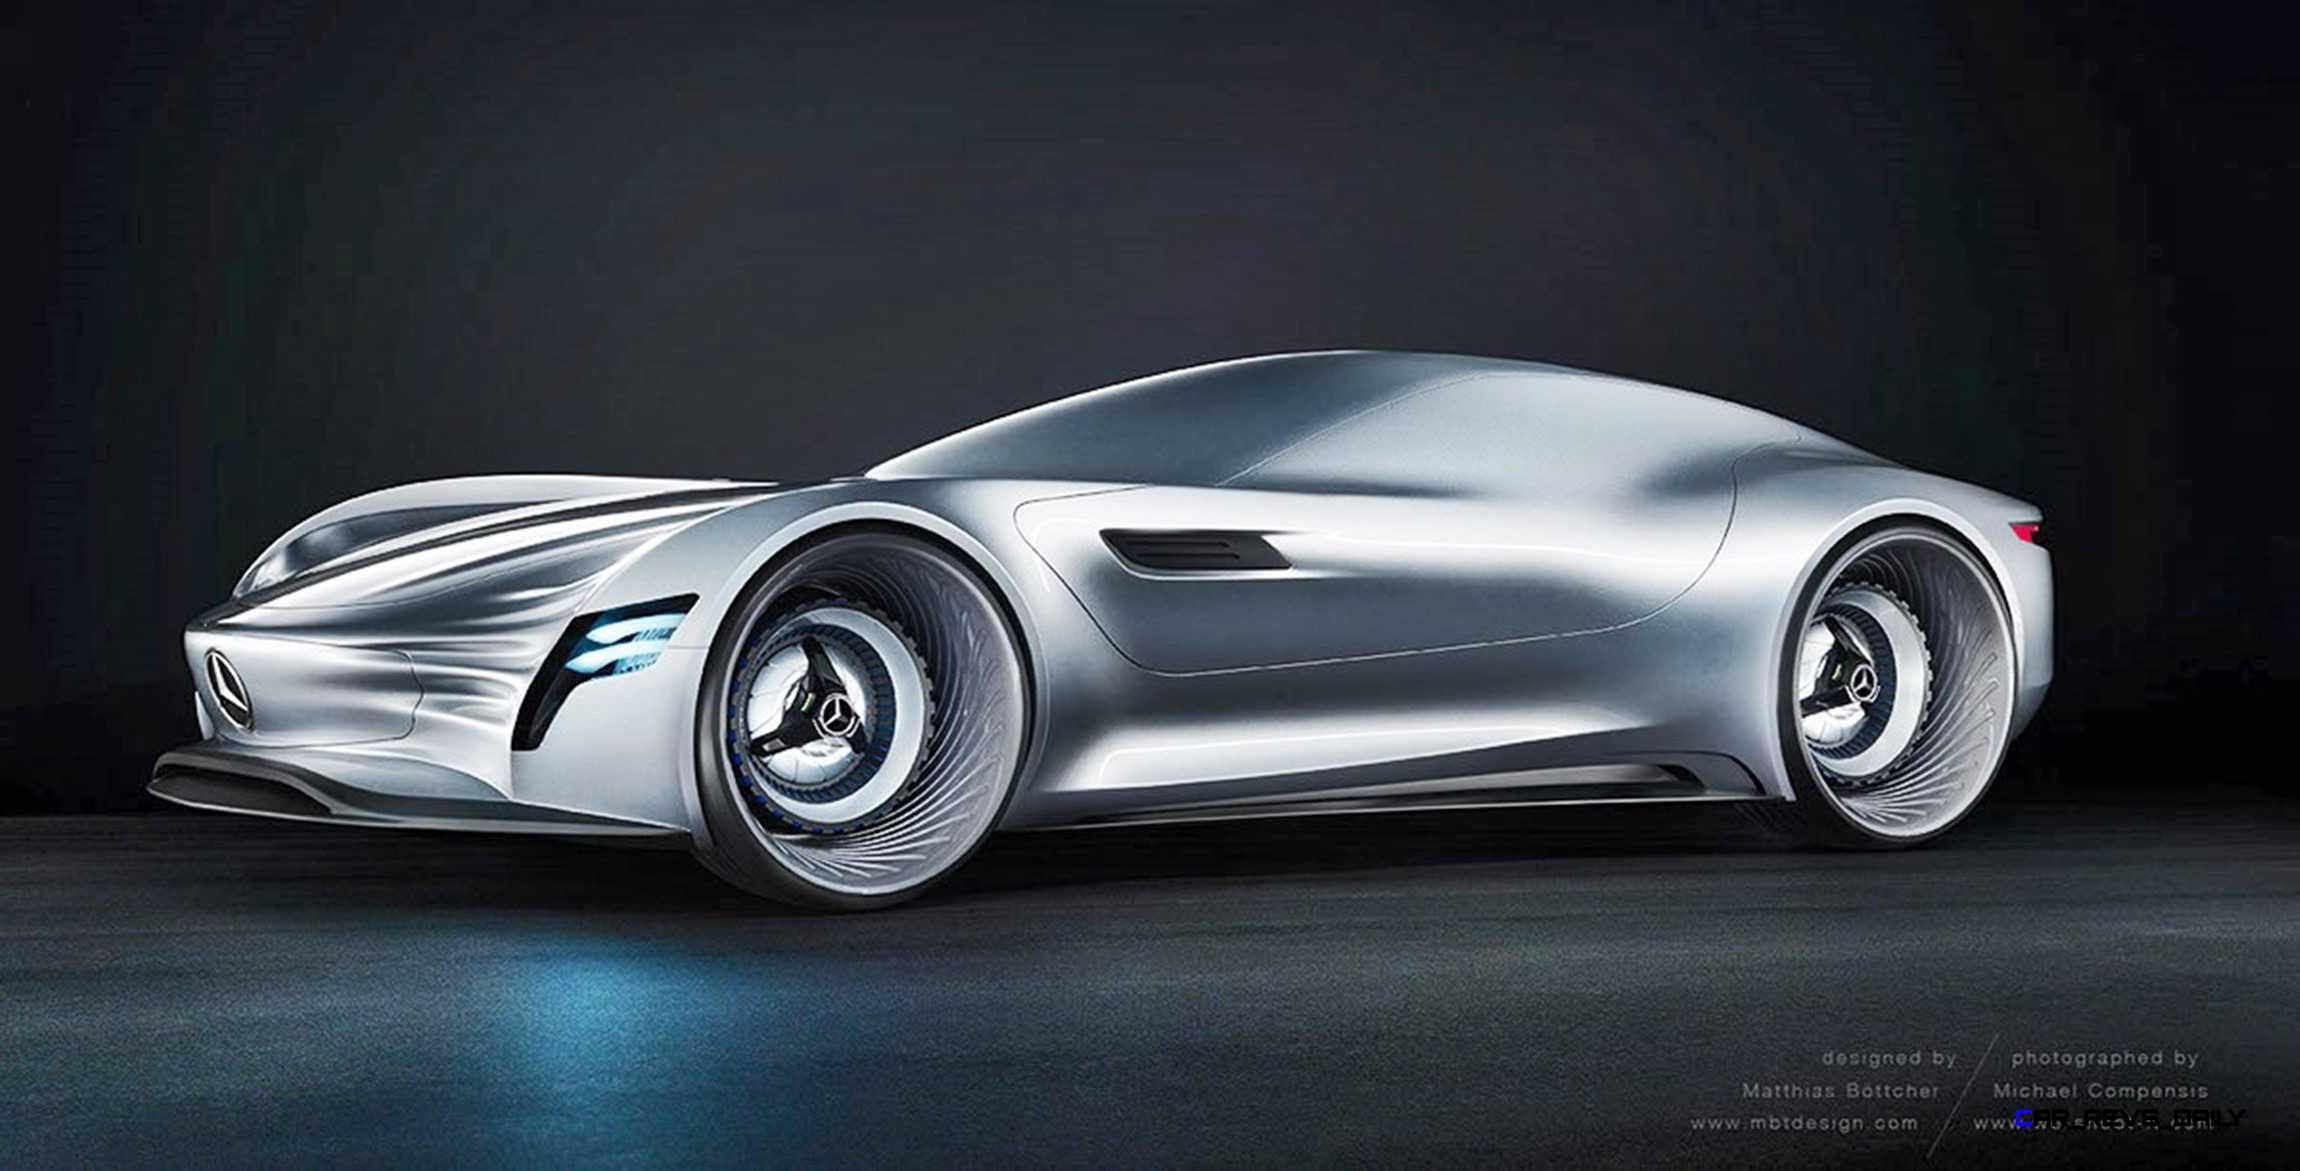 2020 Mercedesbenz Sl Pure Concept By Matthias Böttcher 15